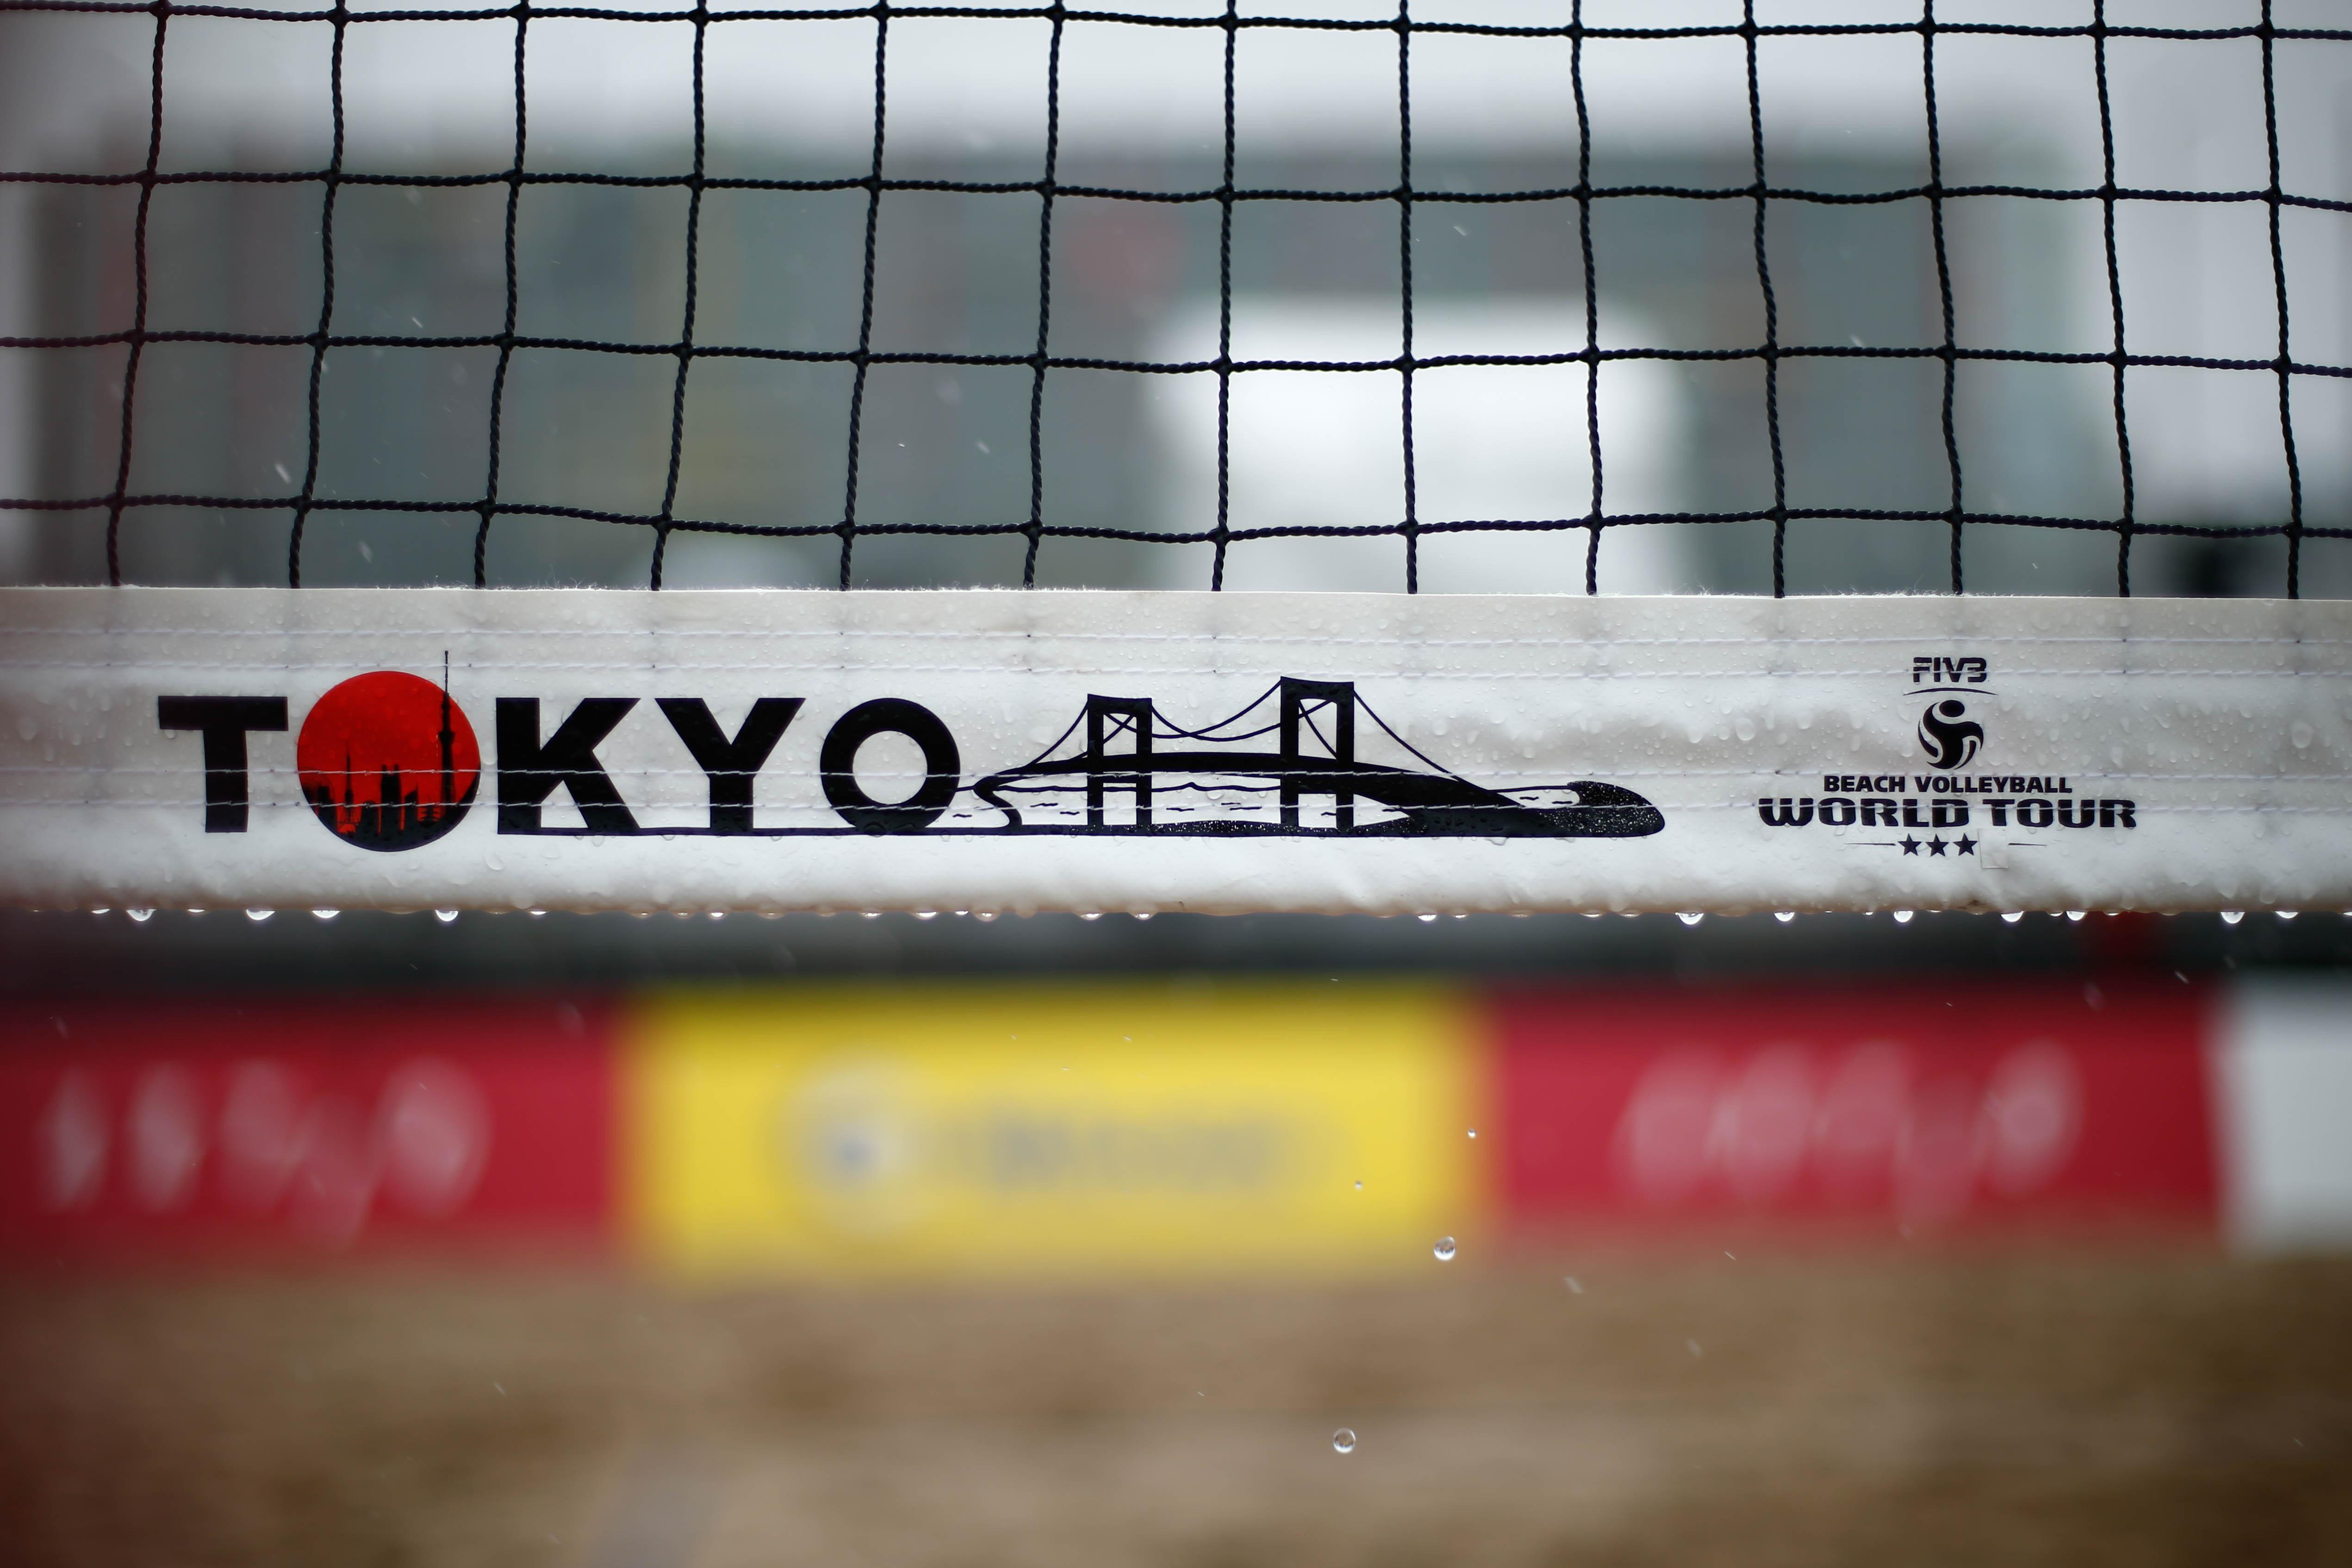 Evento-teste do vôlei de praia em Tóquio é o próximo desafio dos times brasileiros